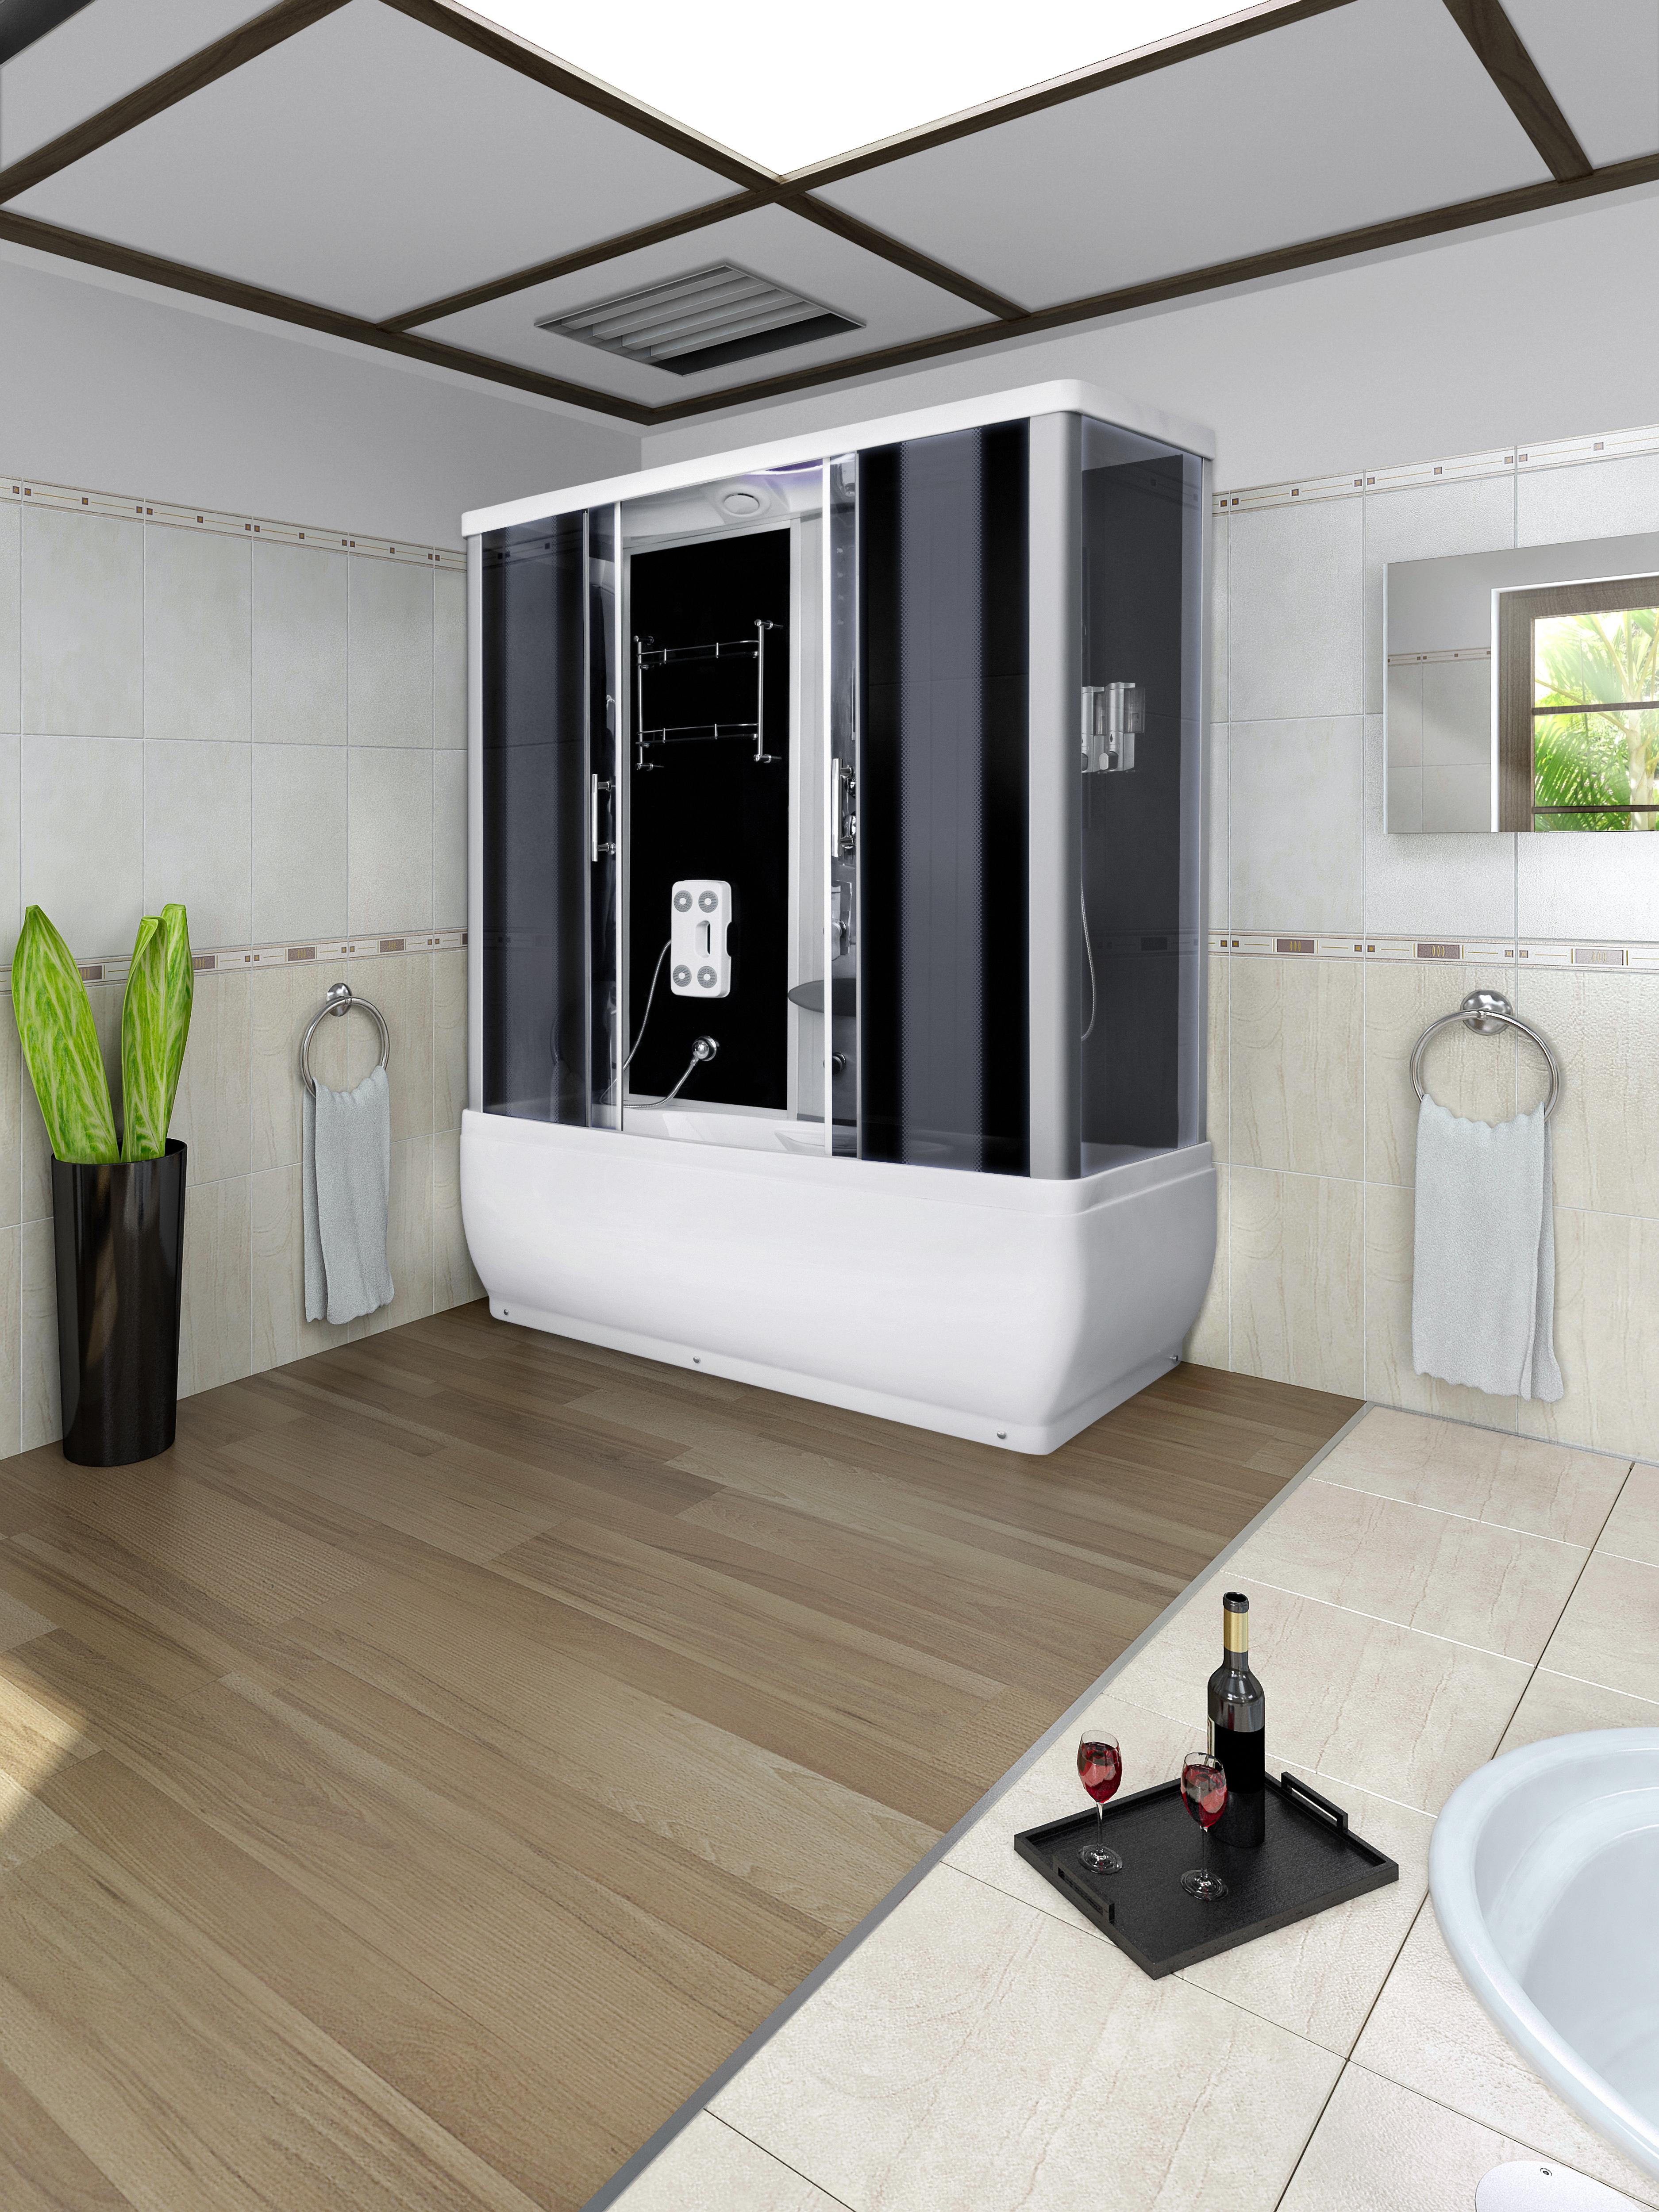 duschkabine regendusche fertigdusche dusche duschwand. Black Bedroom Furniture Sets. Home Design Ideas